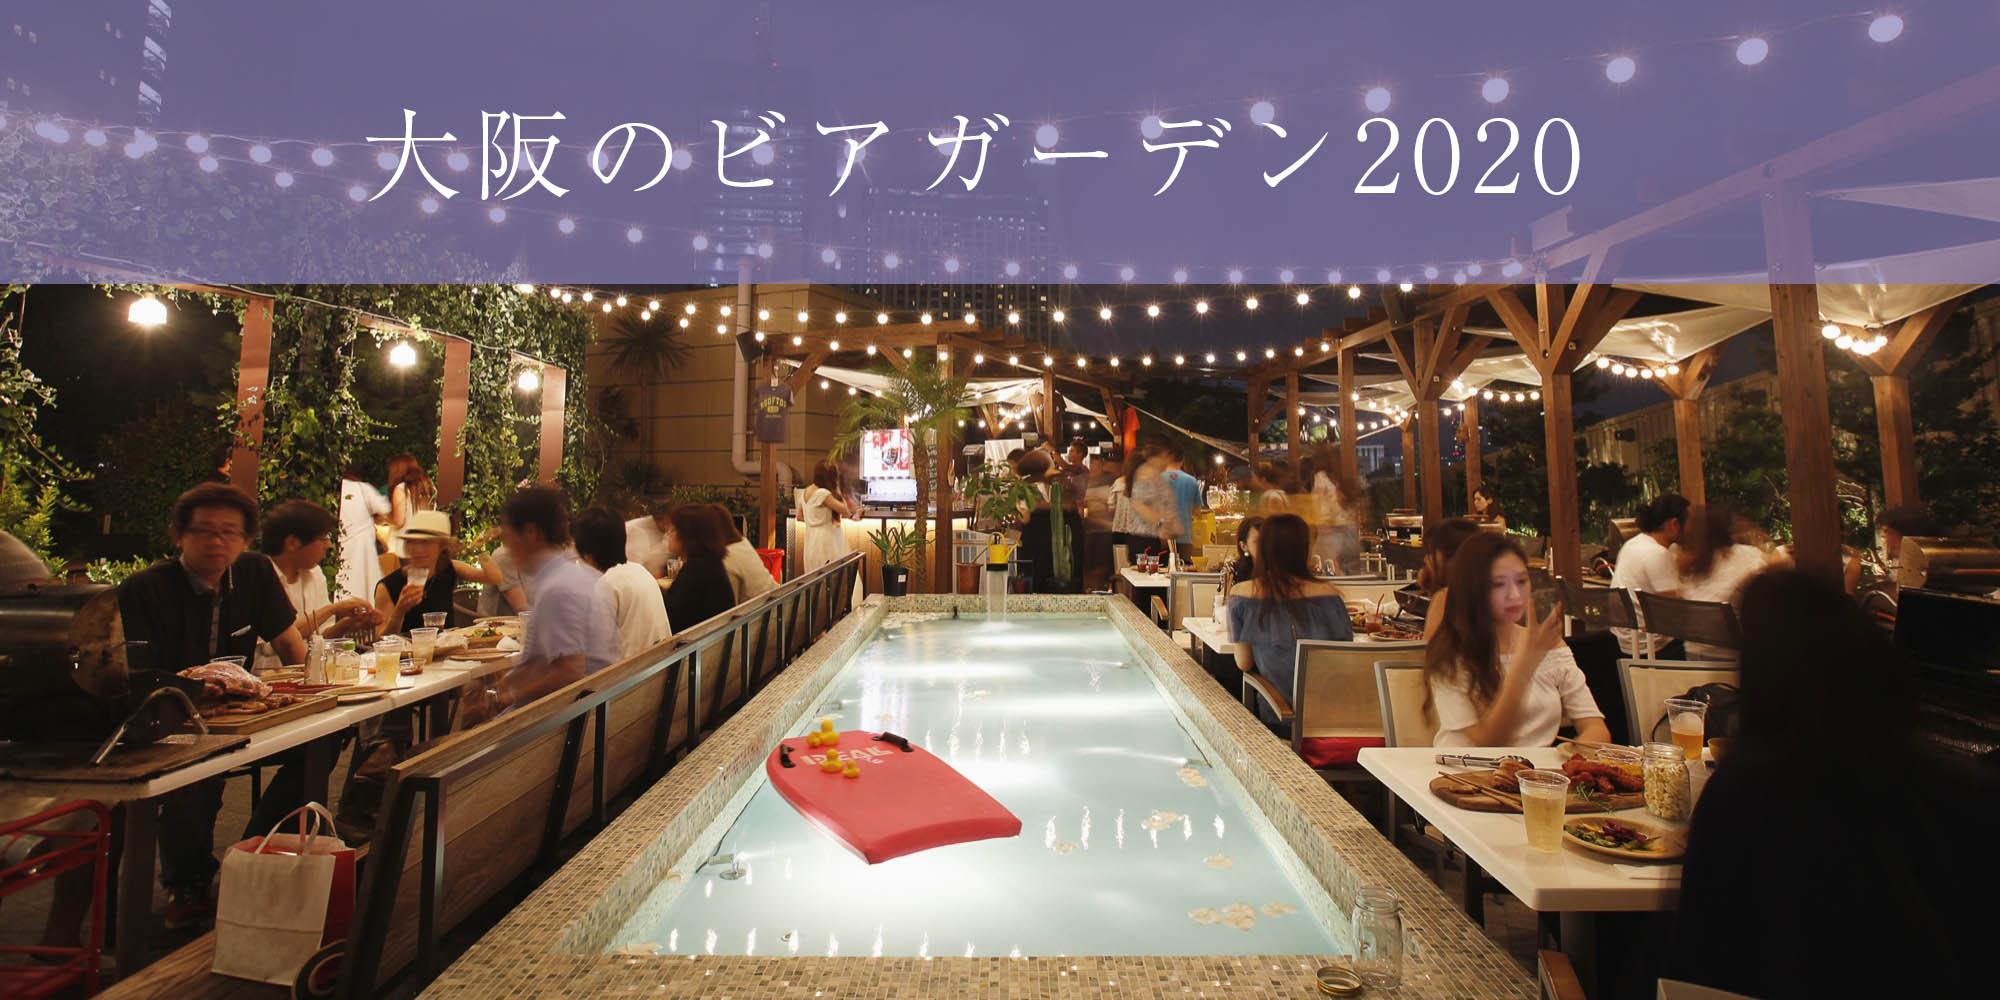 大阪のおすすめビアガーデン2020